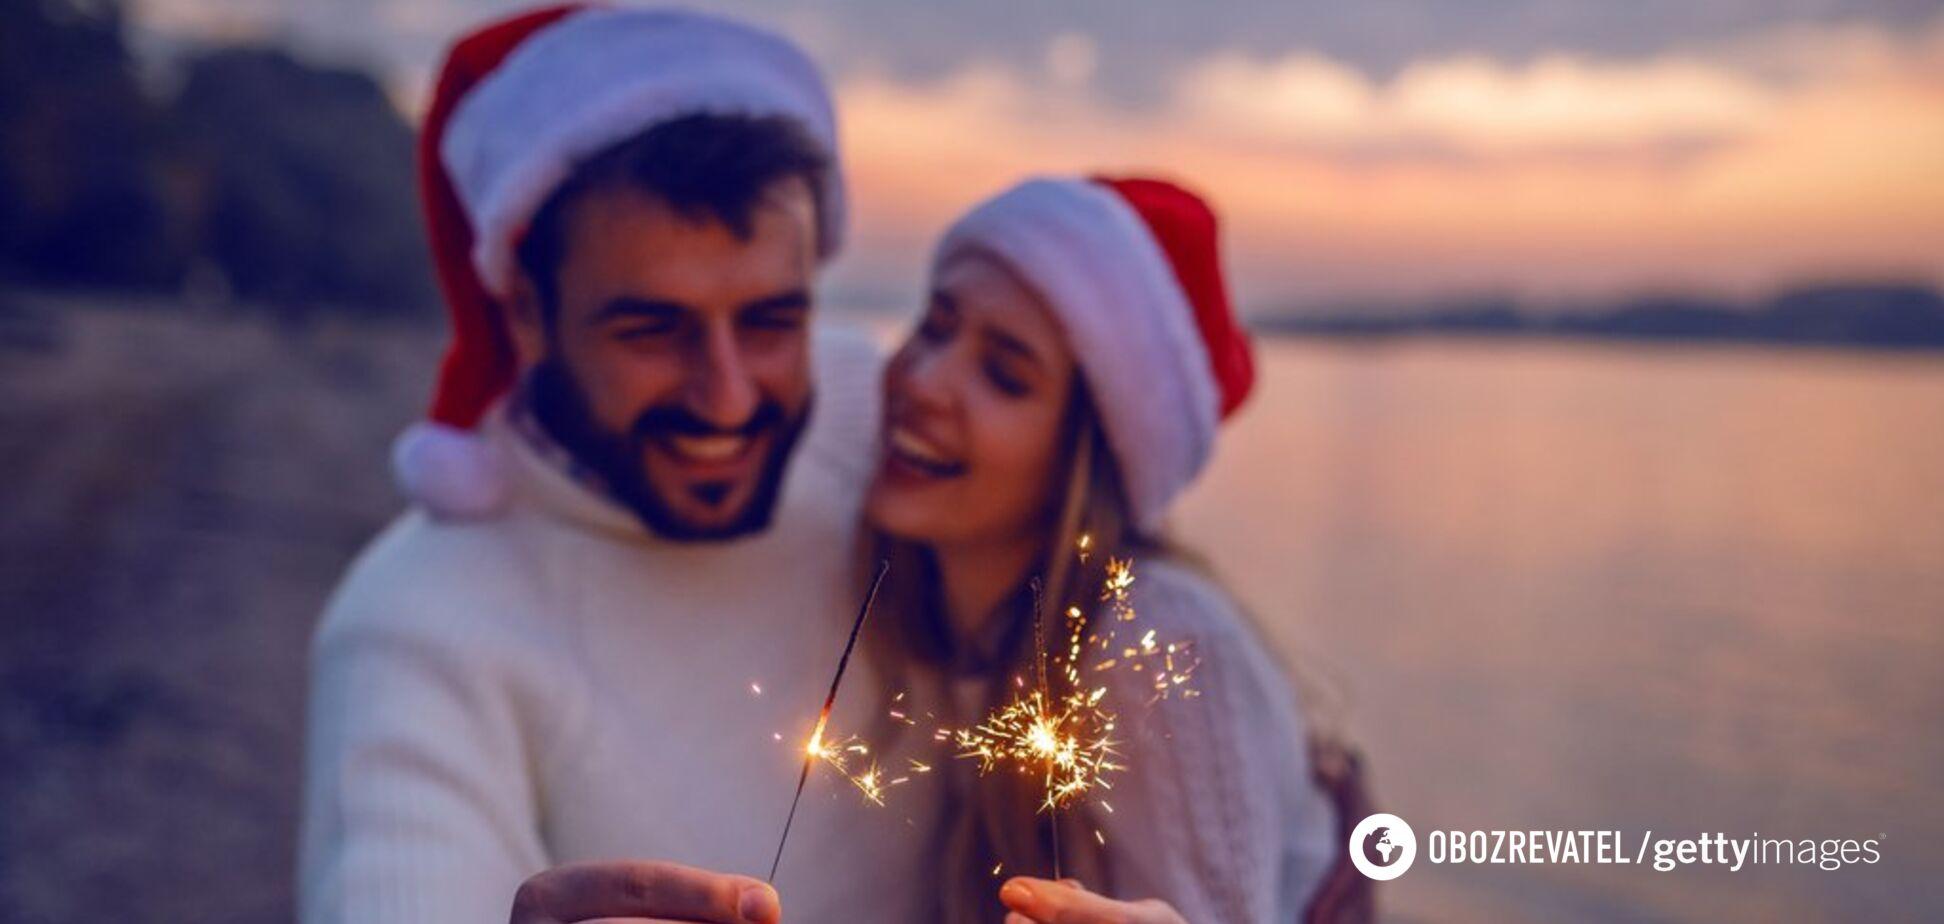 Египет, Эмираты или Шри-Ланка: где украинцы будут встречать Новый Год и Рождество 2020